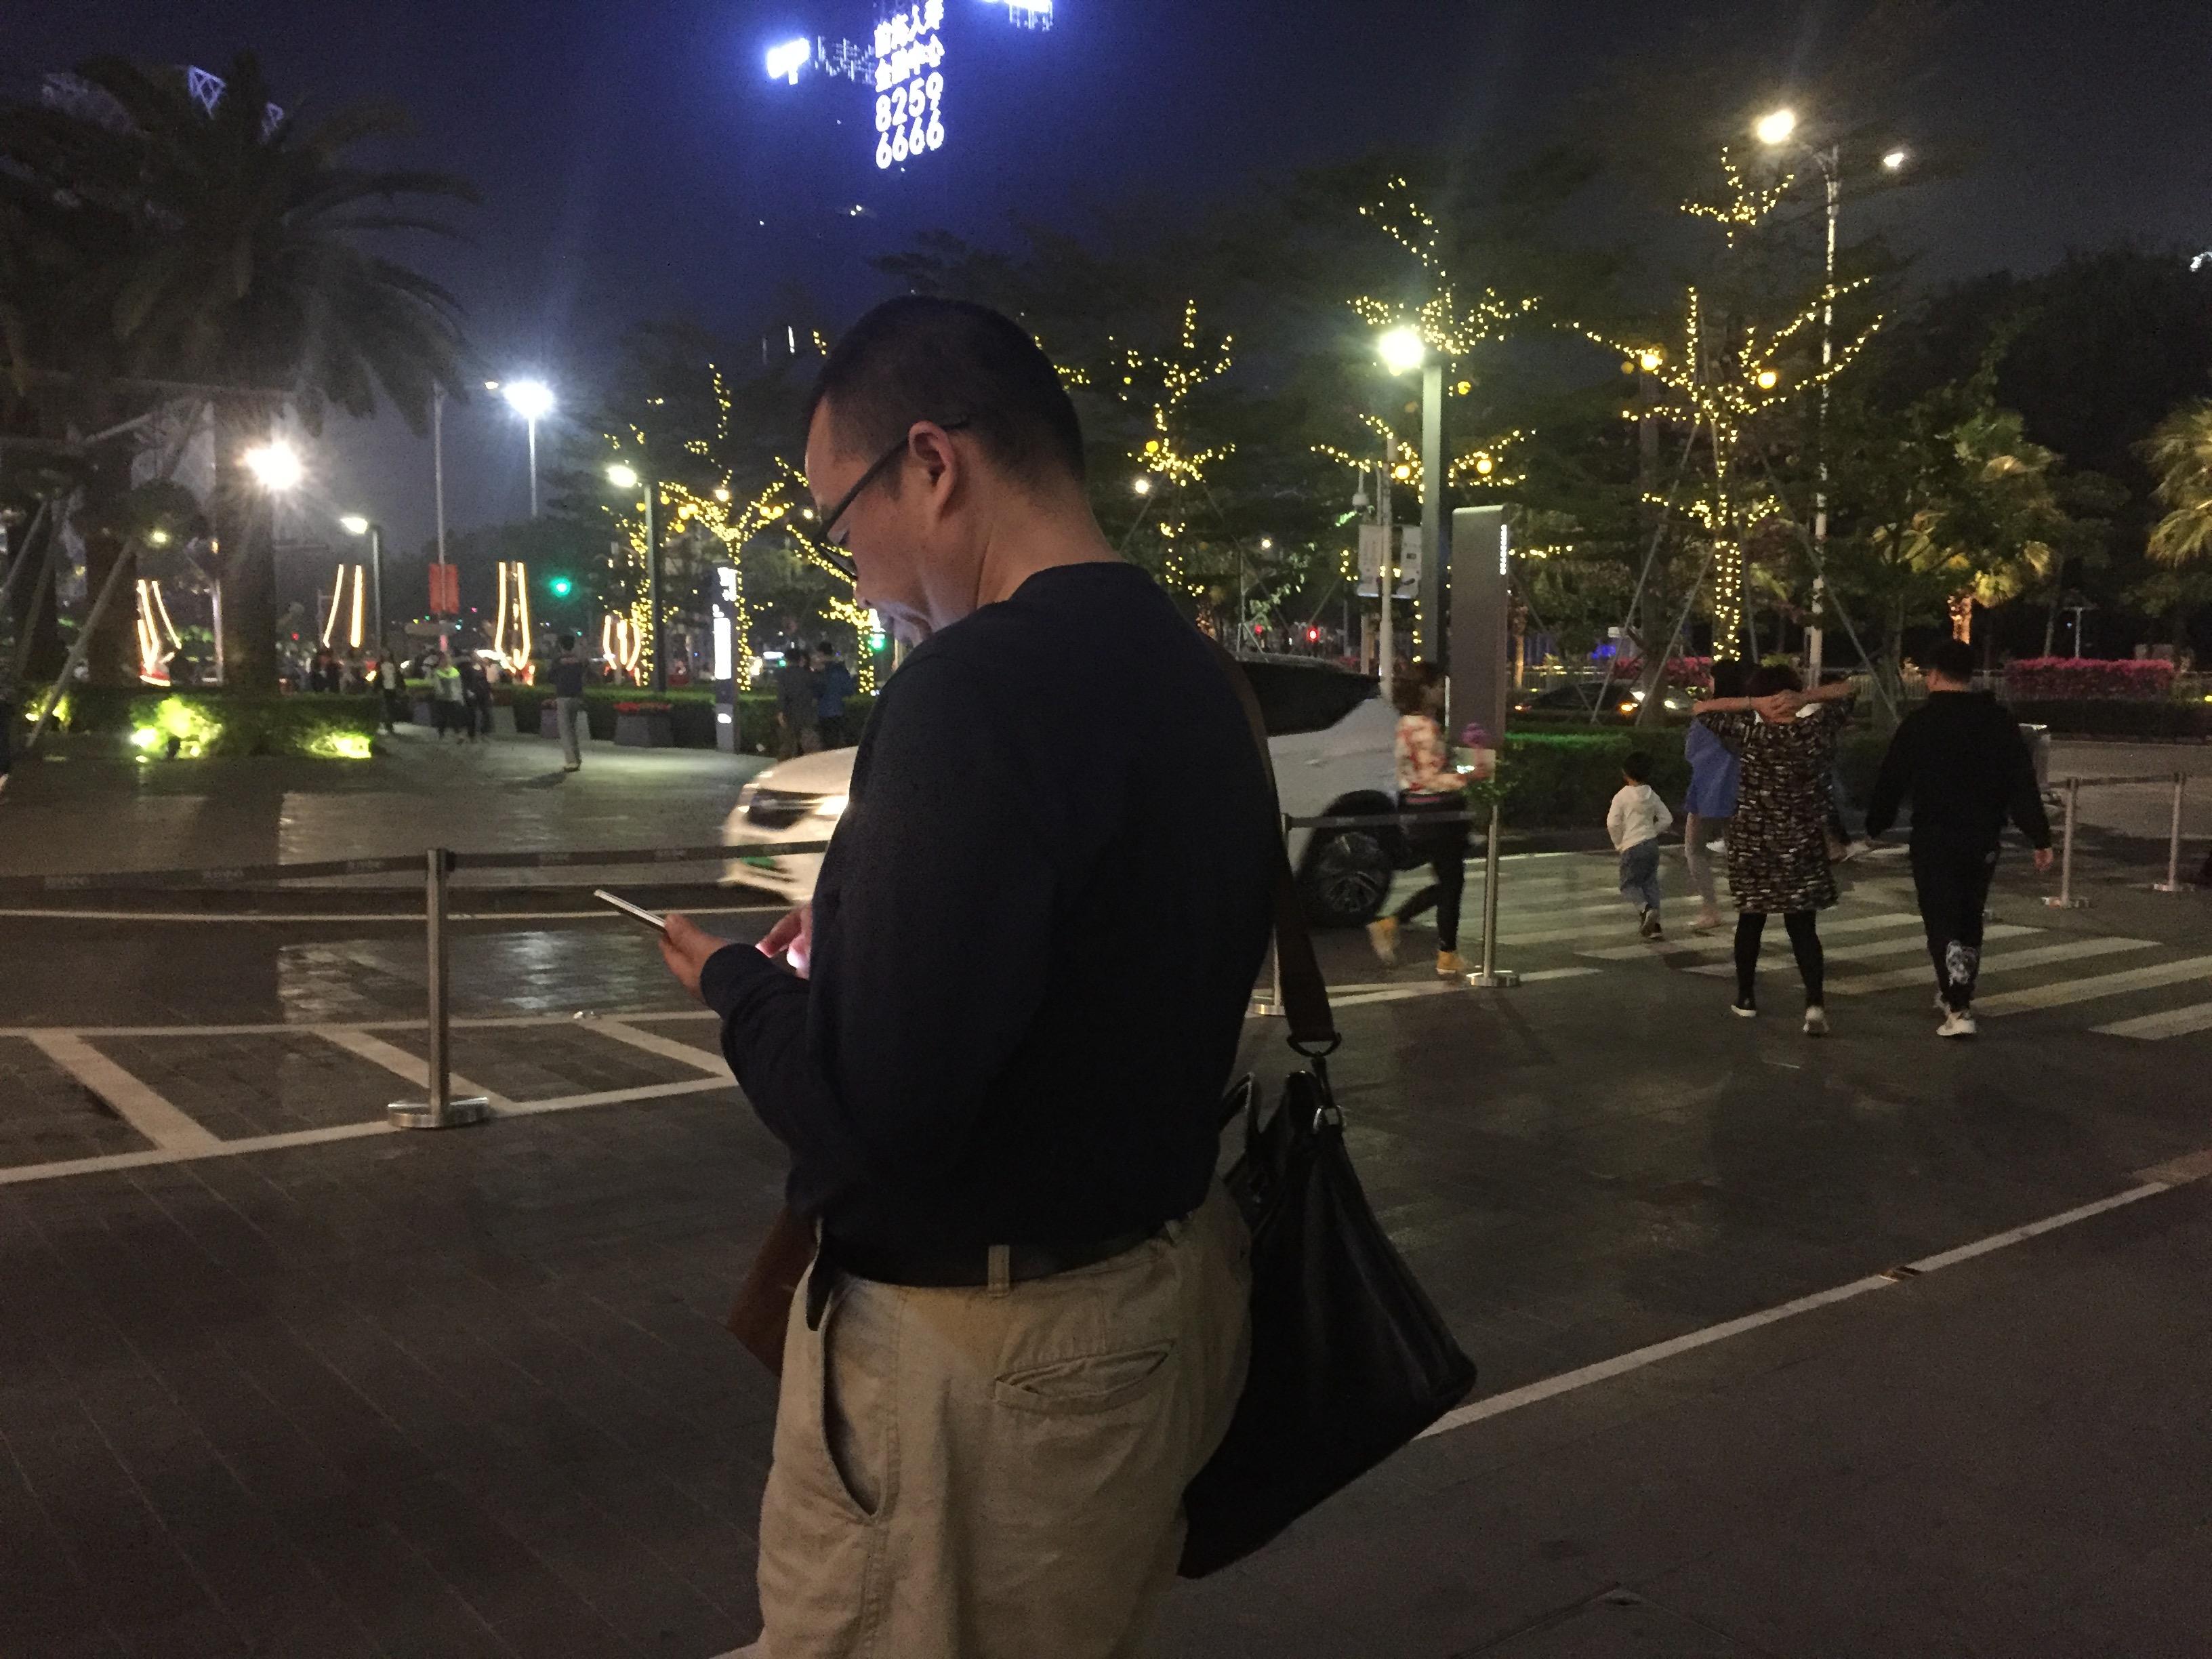 Hình tượng 'Công chúa Huawei' sụp đổ, thẻ bài 'chủ nghĩa ái quốc' của ĐCSTQ hết linh (ảnh 2)